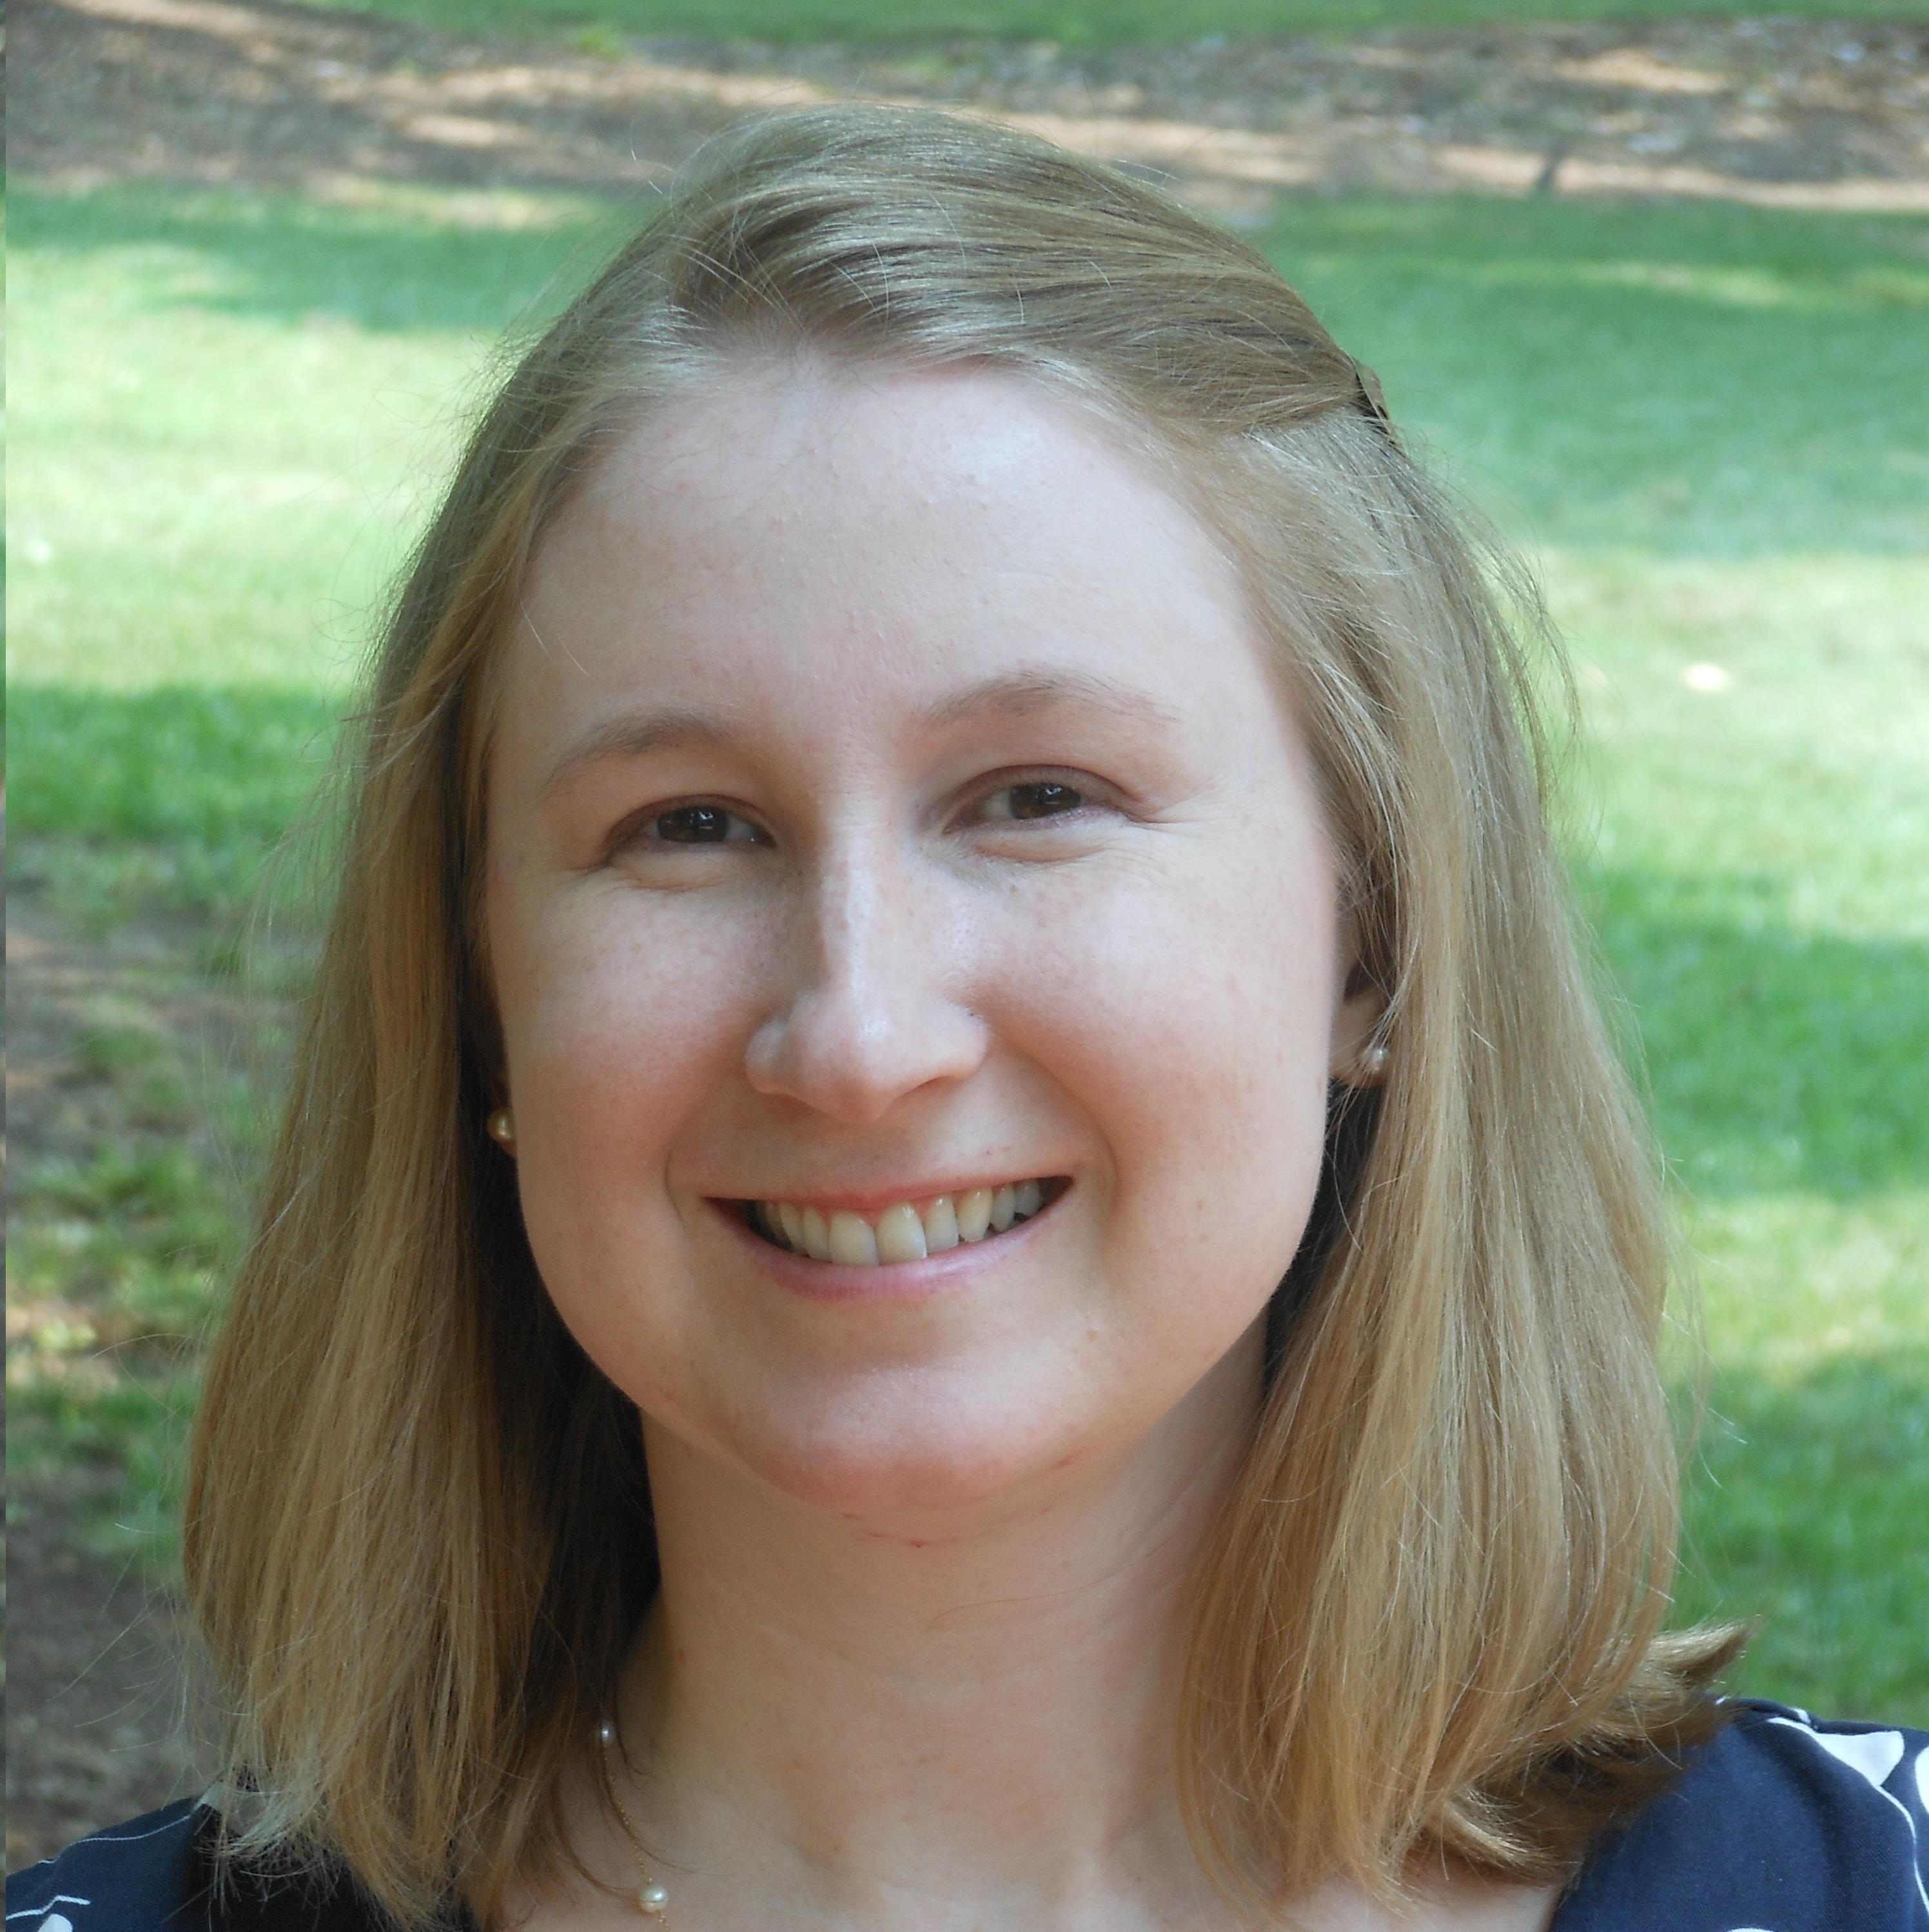 Eliza Kiser Headshot.JPG